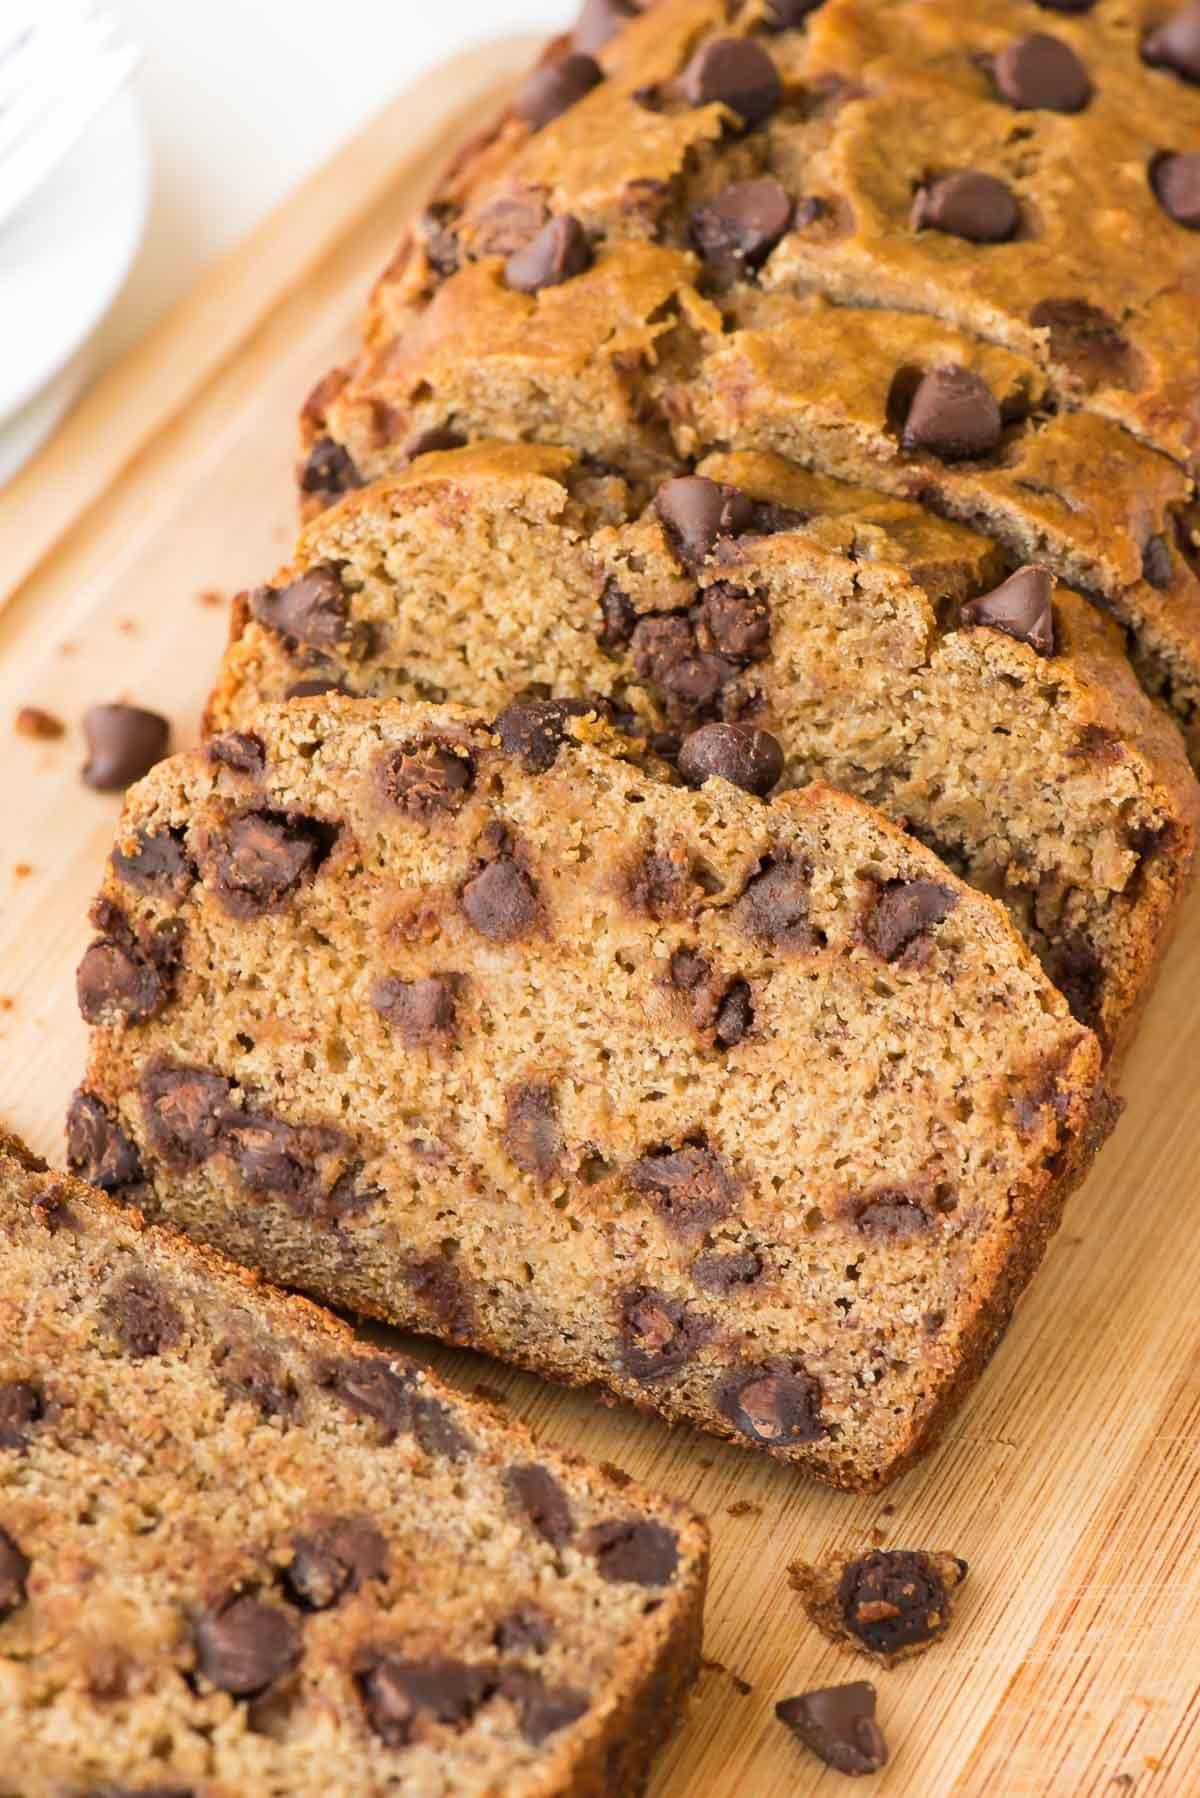 Healthy Banana Bread  Healthy Banana Bread Recipe with Chocolate Chips